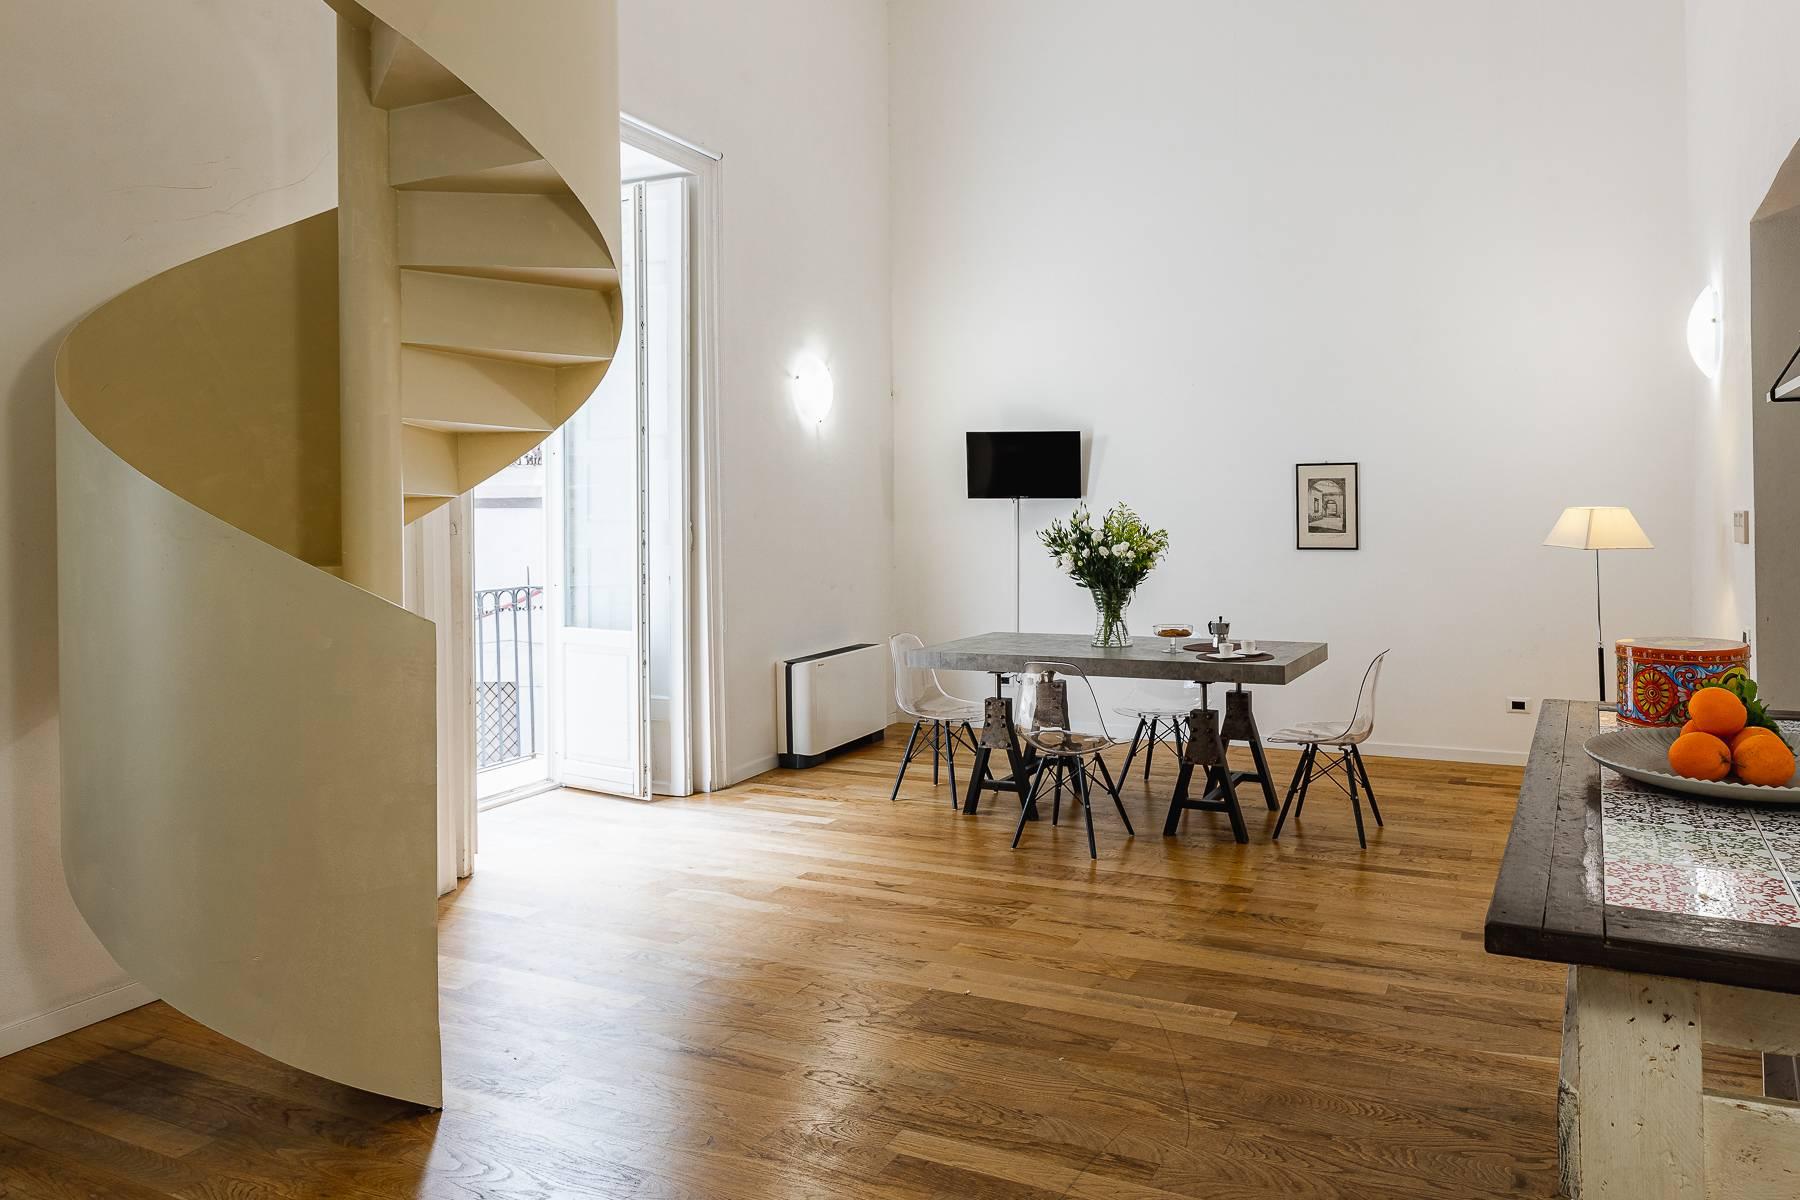 Appartamento in Vendita a Palermo: 4 locali, 154 mq - Foto 27